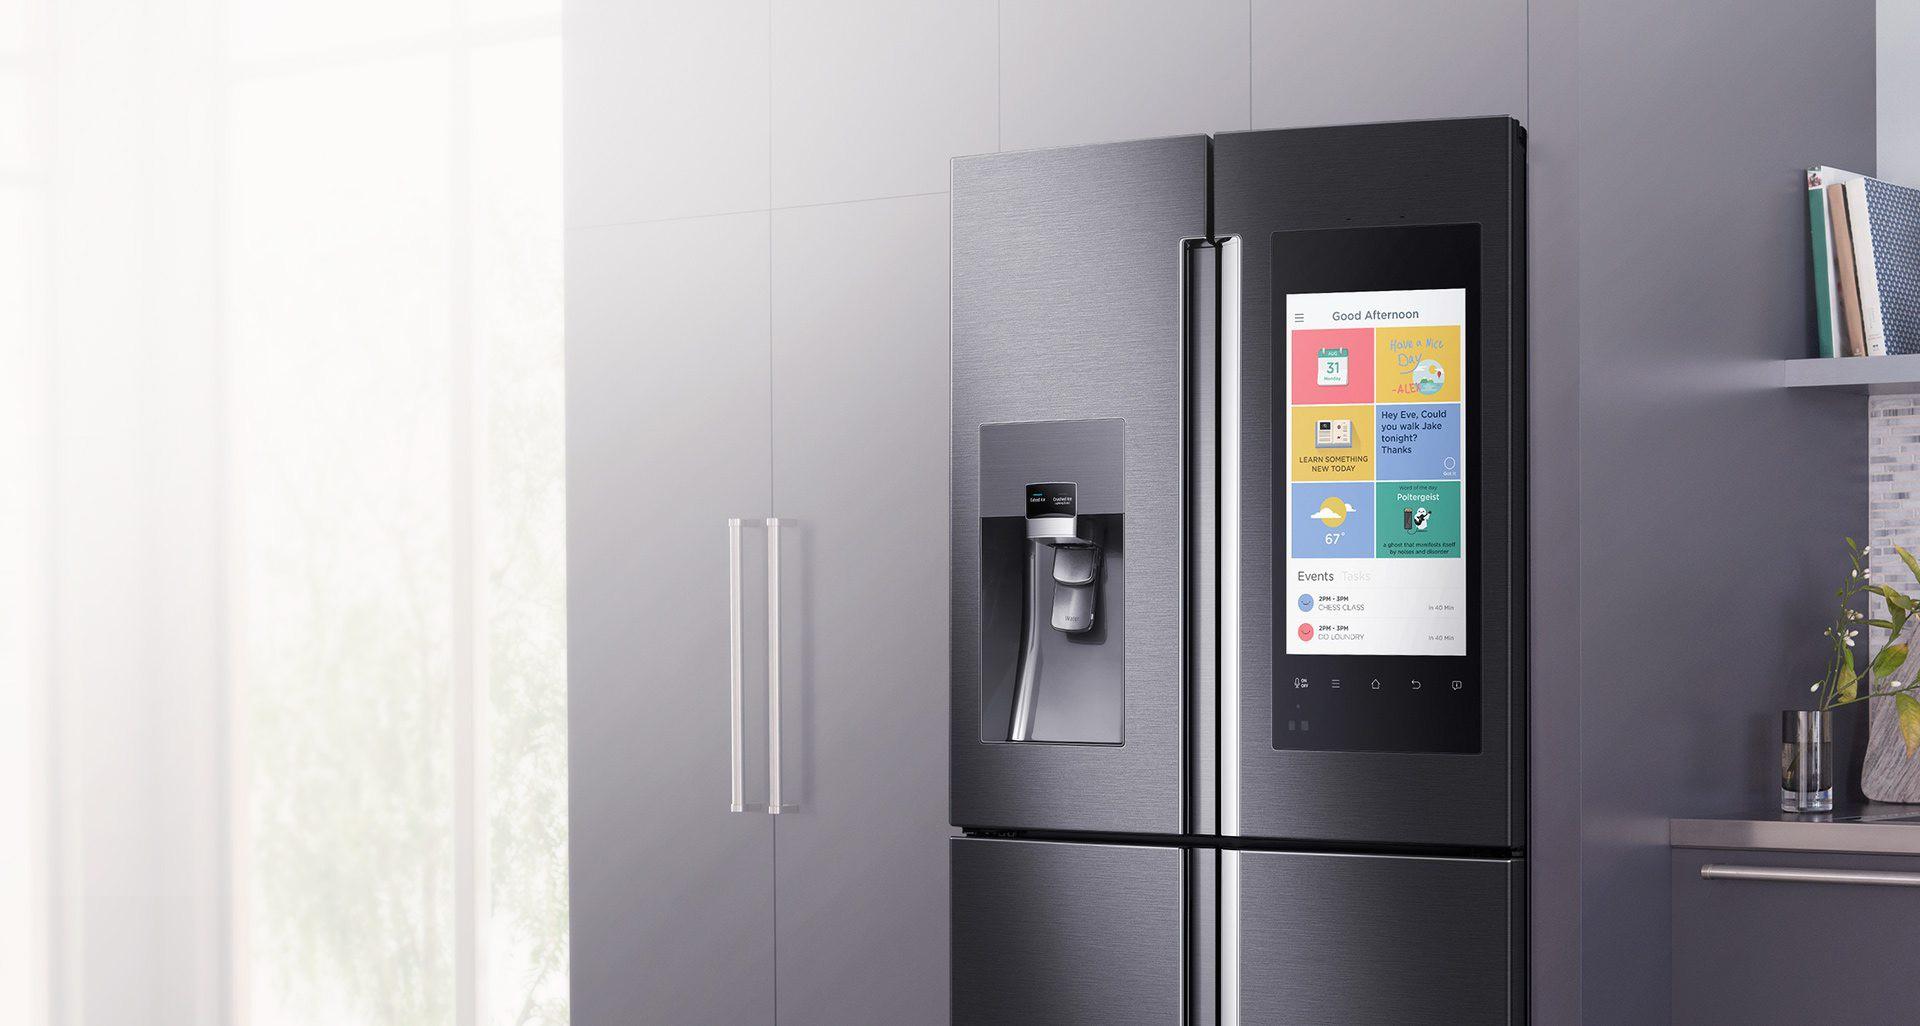 samsung smart chladnicka zoznamka partner stravovacie navyky obsah aplikacia